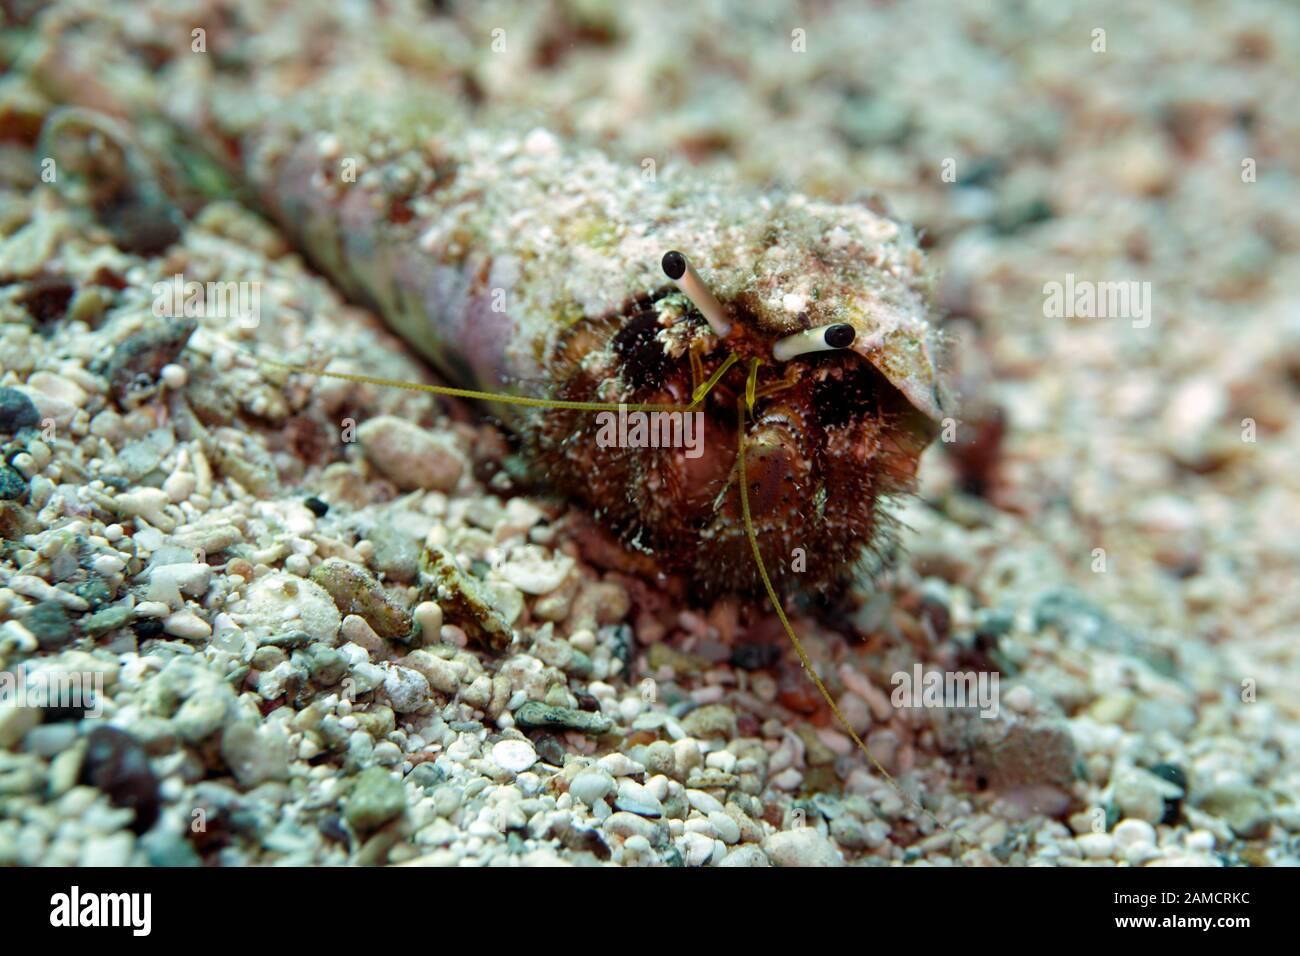 Einsiedlerkrebs en einer spiralförmigen Muschel Foto de stock